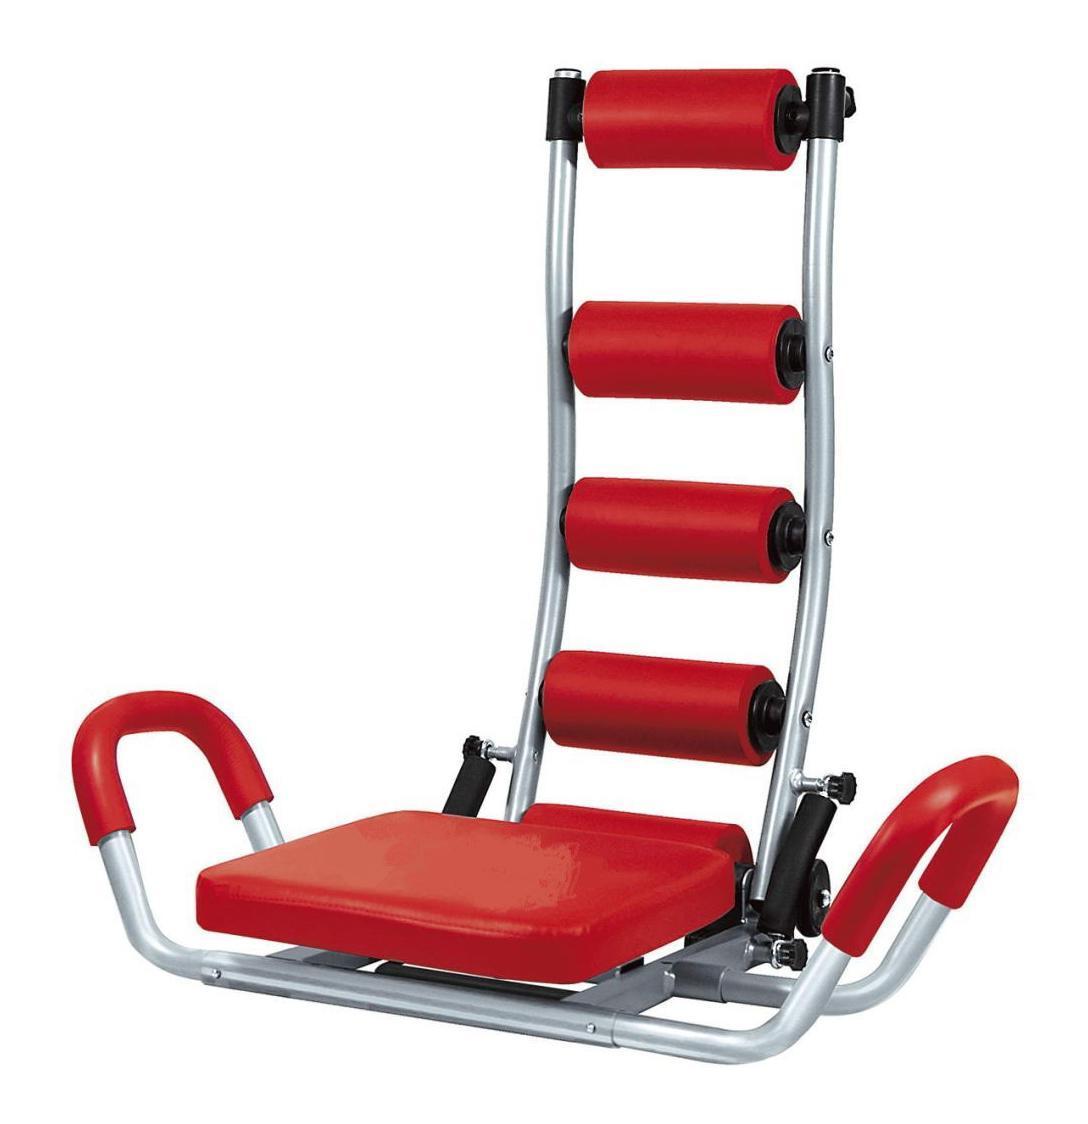 Тренажер для мышц живота Bradex Супер прессSF 0041Тренажер Bradex Супер пресс отлично приводит в тонус брюшные мышцы, прорабатывая верхний, нижний и средний пресс, а также задействует косые мышцы живота. Также тренируются мышцы спины и ягодиц, а благодаря комплексной нагрузке происходит уменьшение объемов тела. Расположенные на тренажере валики мягко массируют голову, шею и спину, улучшая циркуляцию крови в тканях, что способствует хорошему самочувствию. Усовершенствованная система сиденья позволяет эффективно тренировать мышцы бедер. Тренажер Супер пресс мягко контролирует процесс тренировки: когда вы отклоняетесь назад, специальные пружины создают противодействие в спинке тренажера, защищая от падения, а при подъеме туловища в исходную позицию они мягко подталкивают его вперед. Тренажер имеет три уровня сопротивления. Удобная конструкция тренажера позволяет располагать его на небольшом участке пространства, тренажер легко складывается для компактного и удобного хранения. Комплект включает тренажер в...